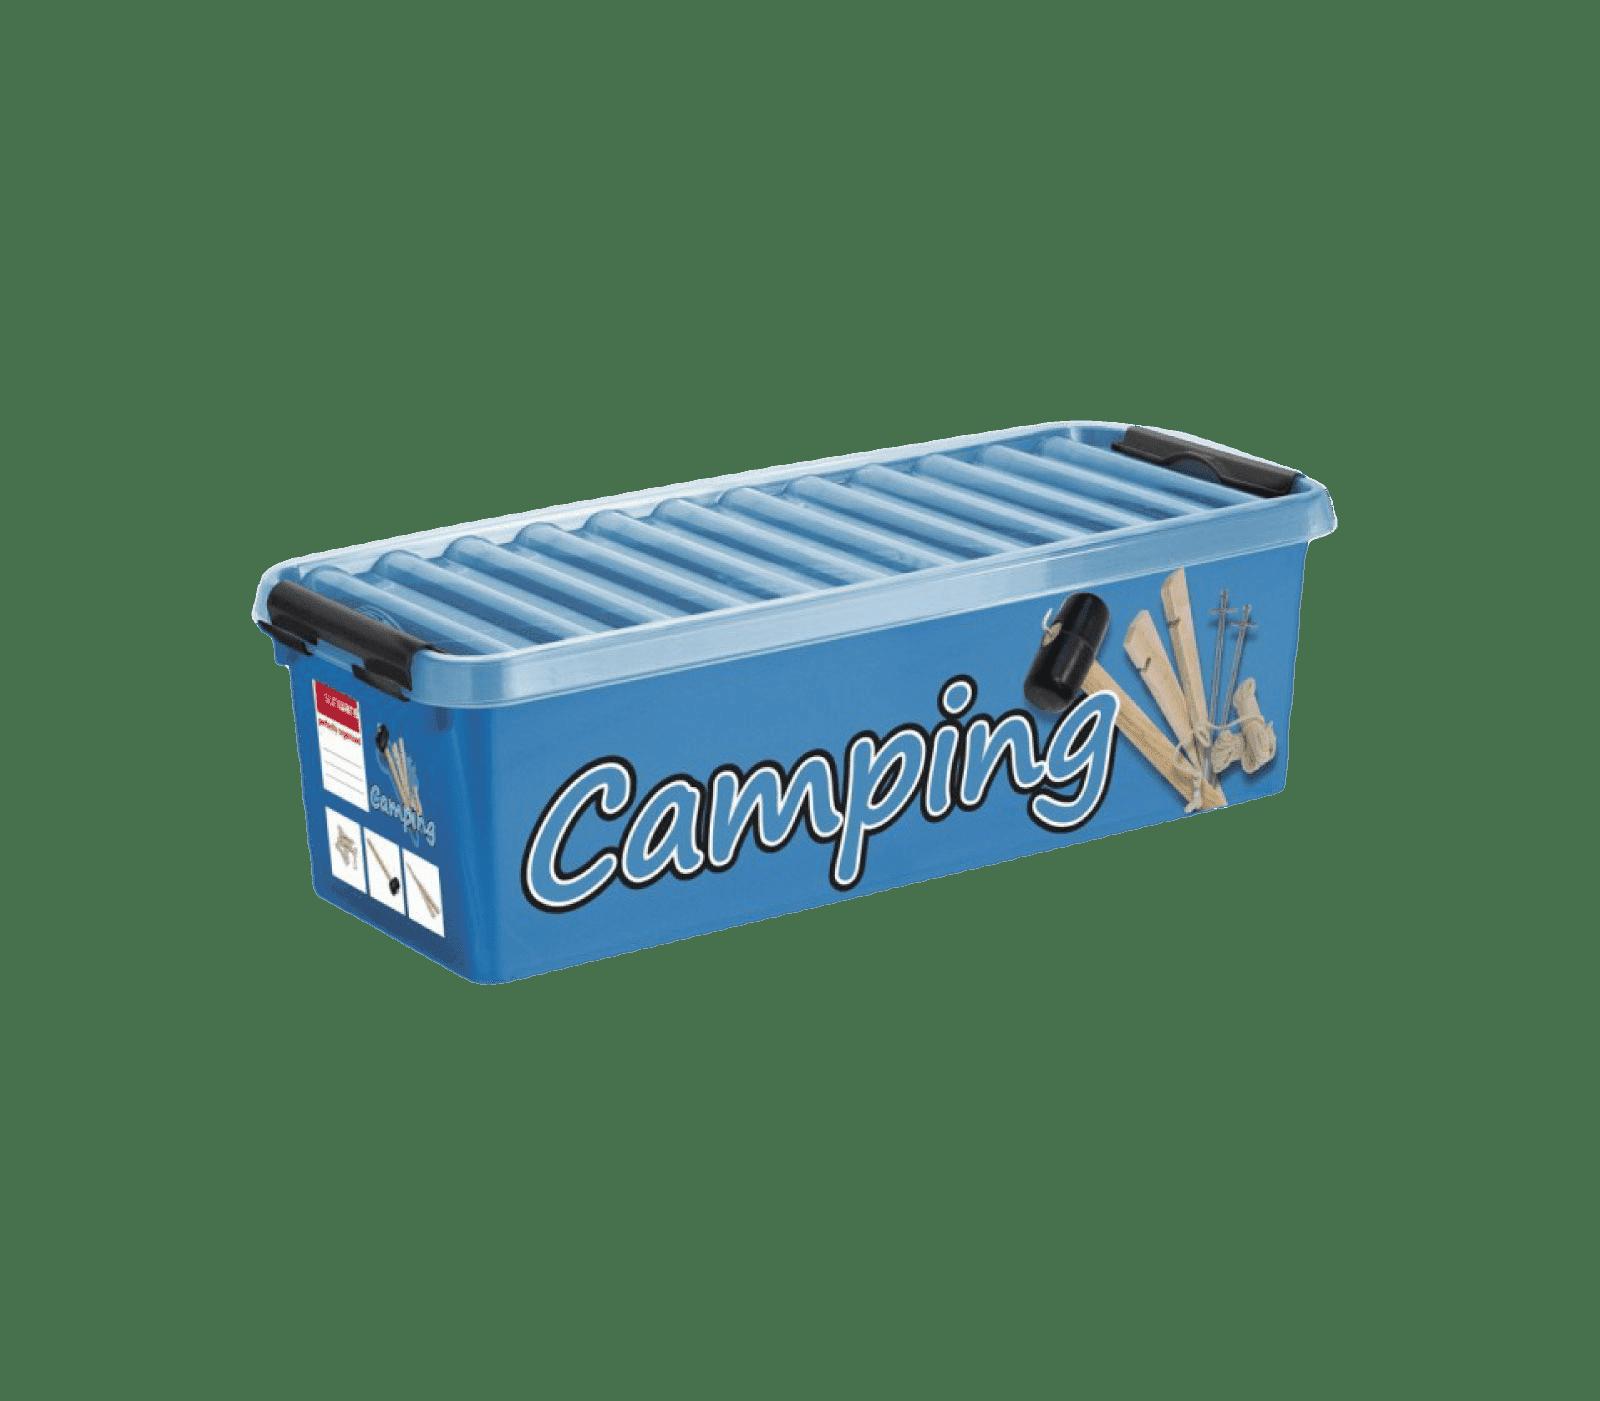 Campingbox